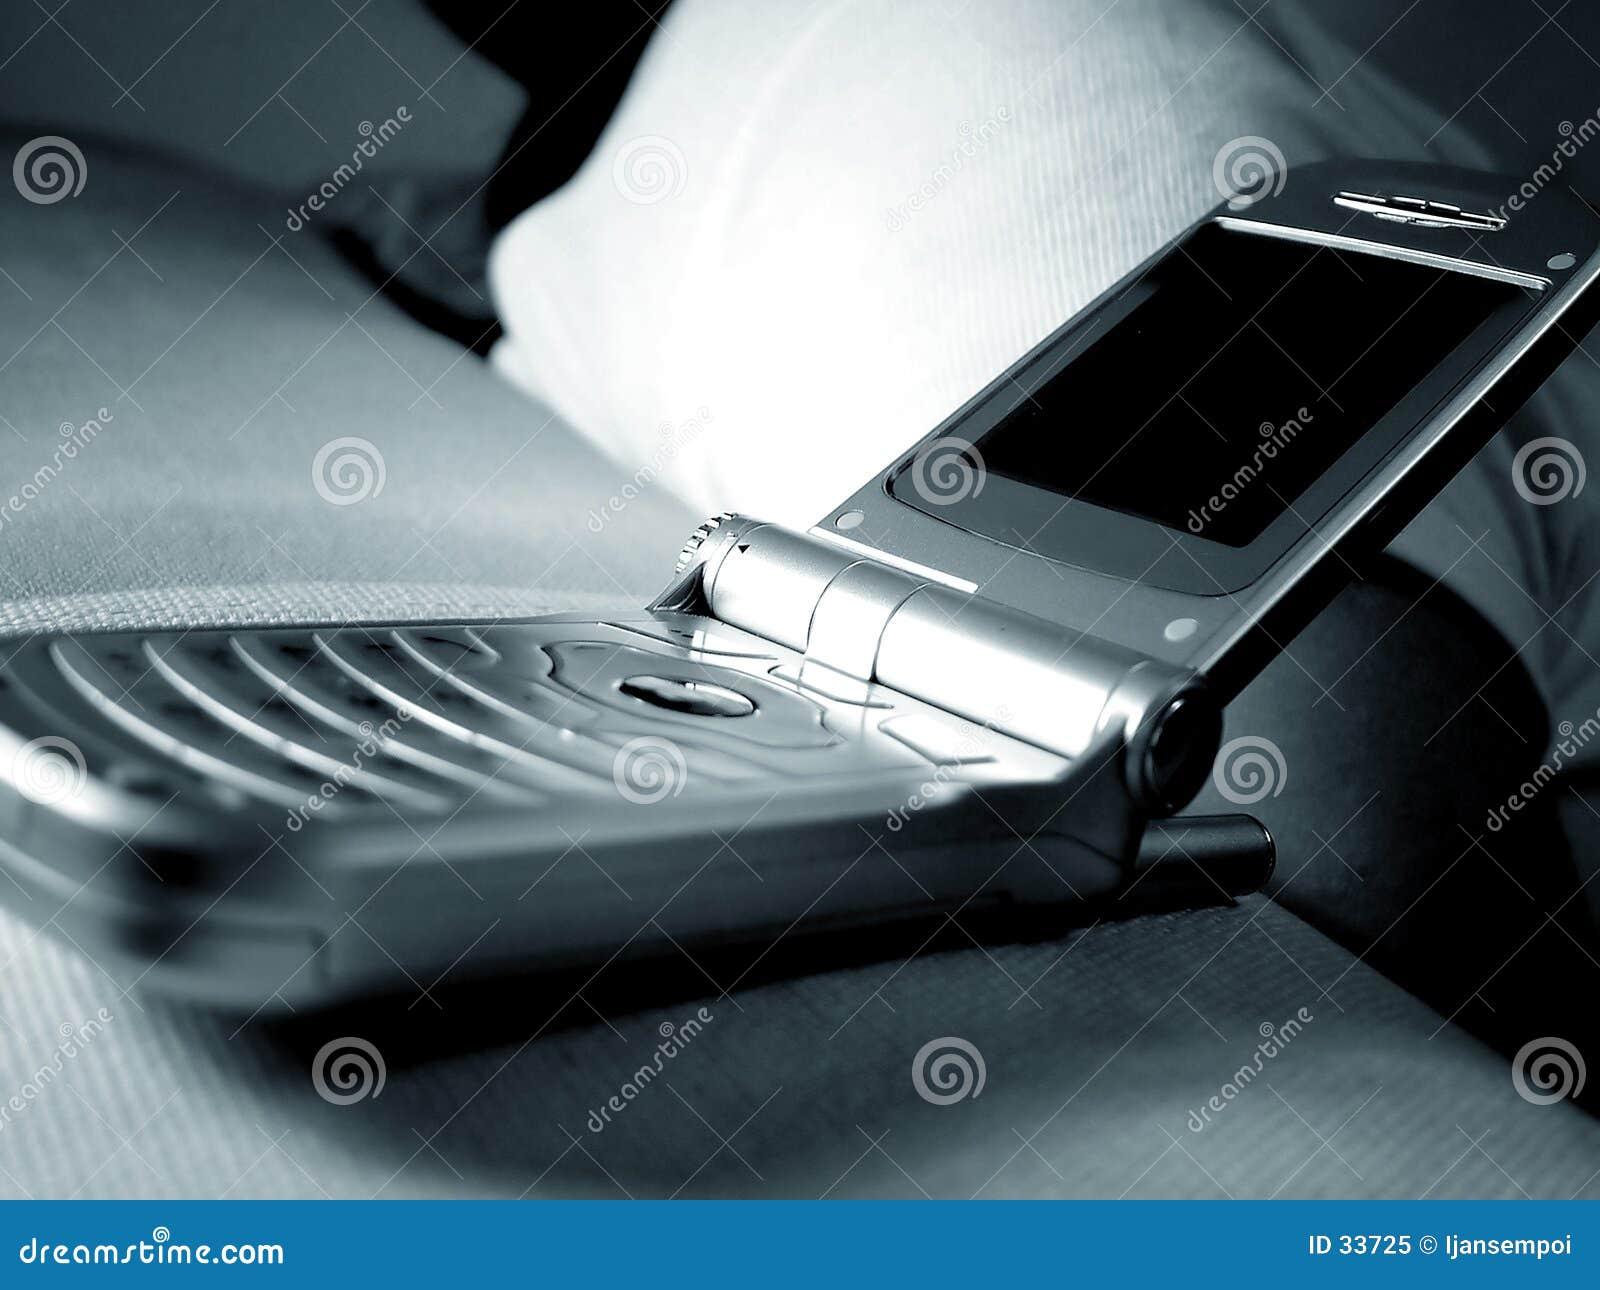 Flip handphone